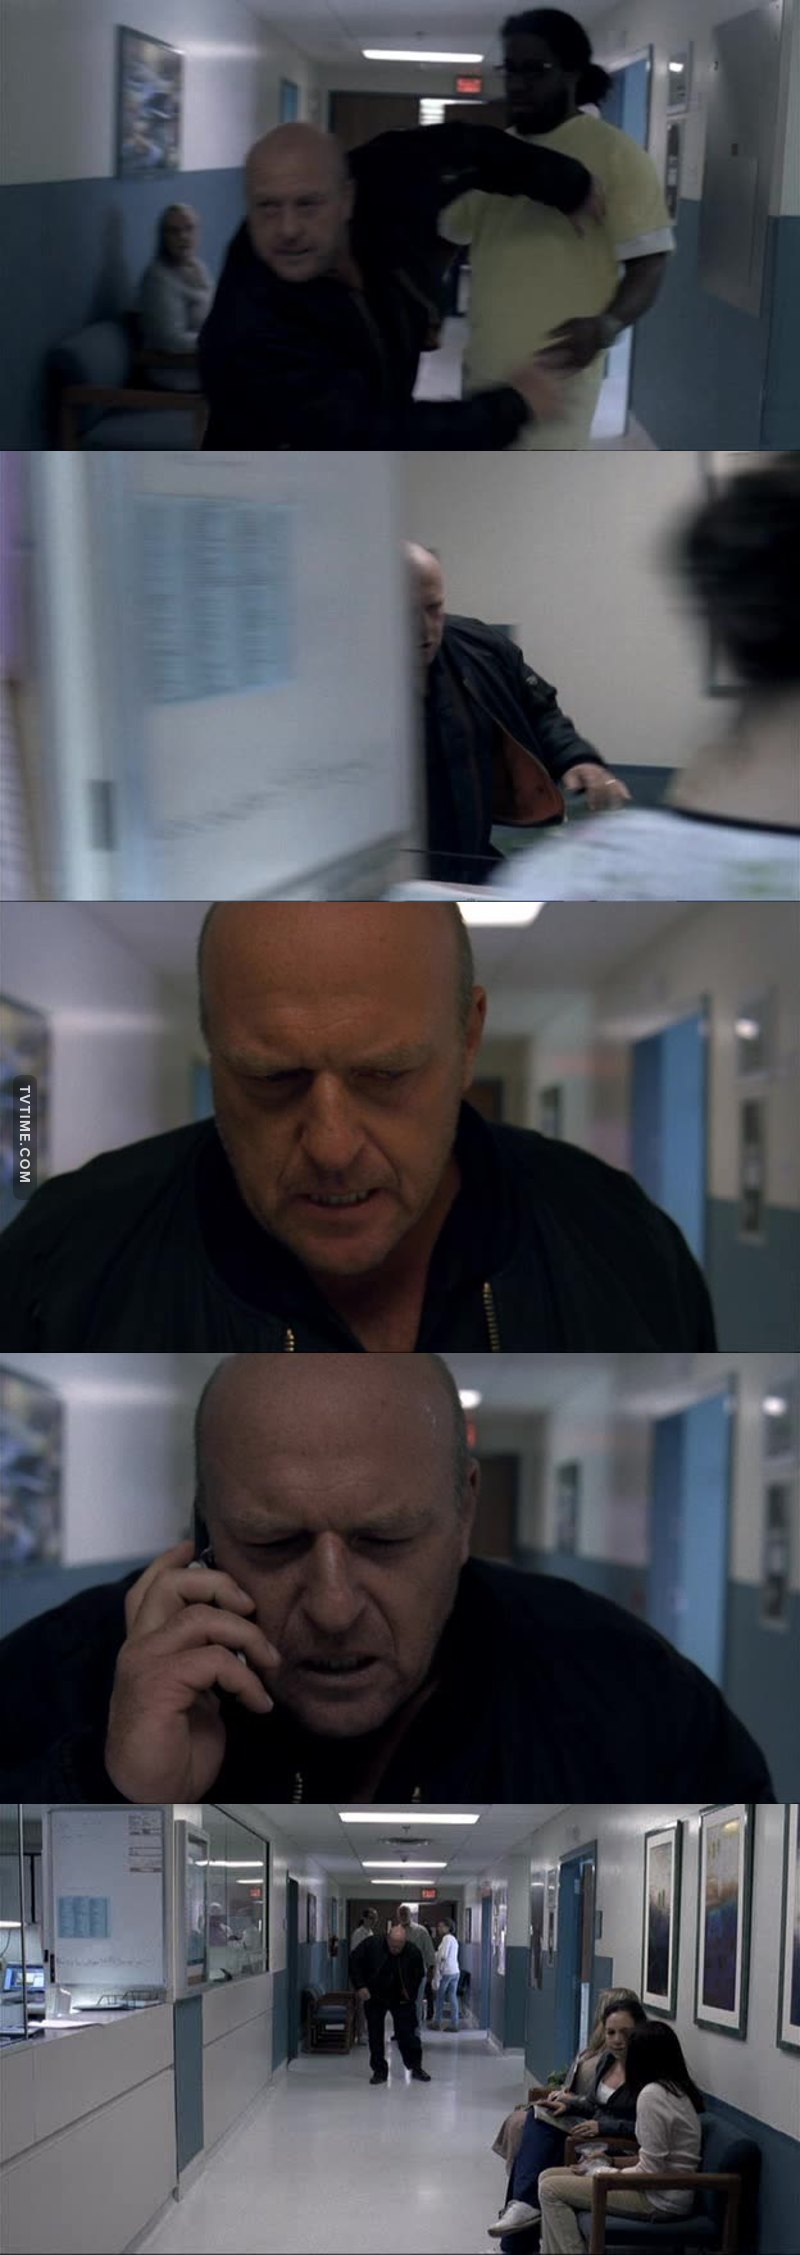 Poor hank ):